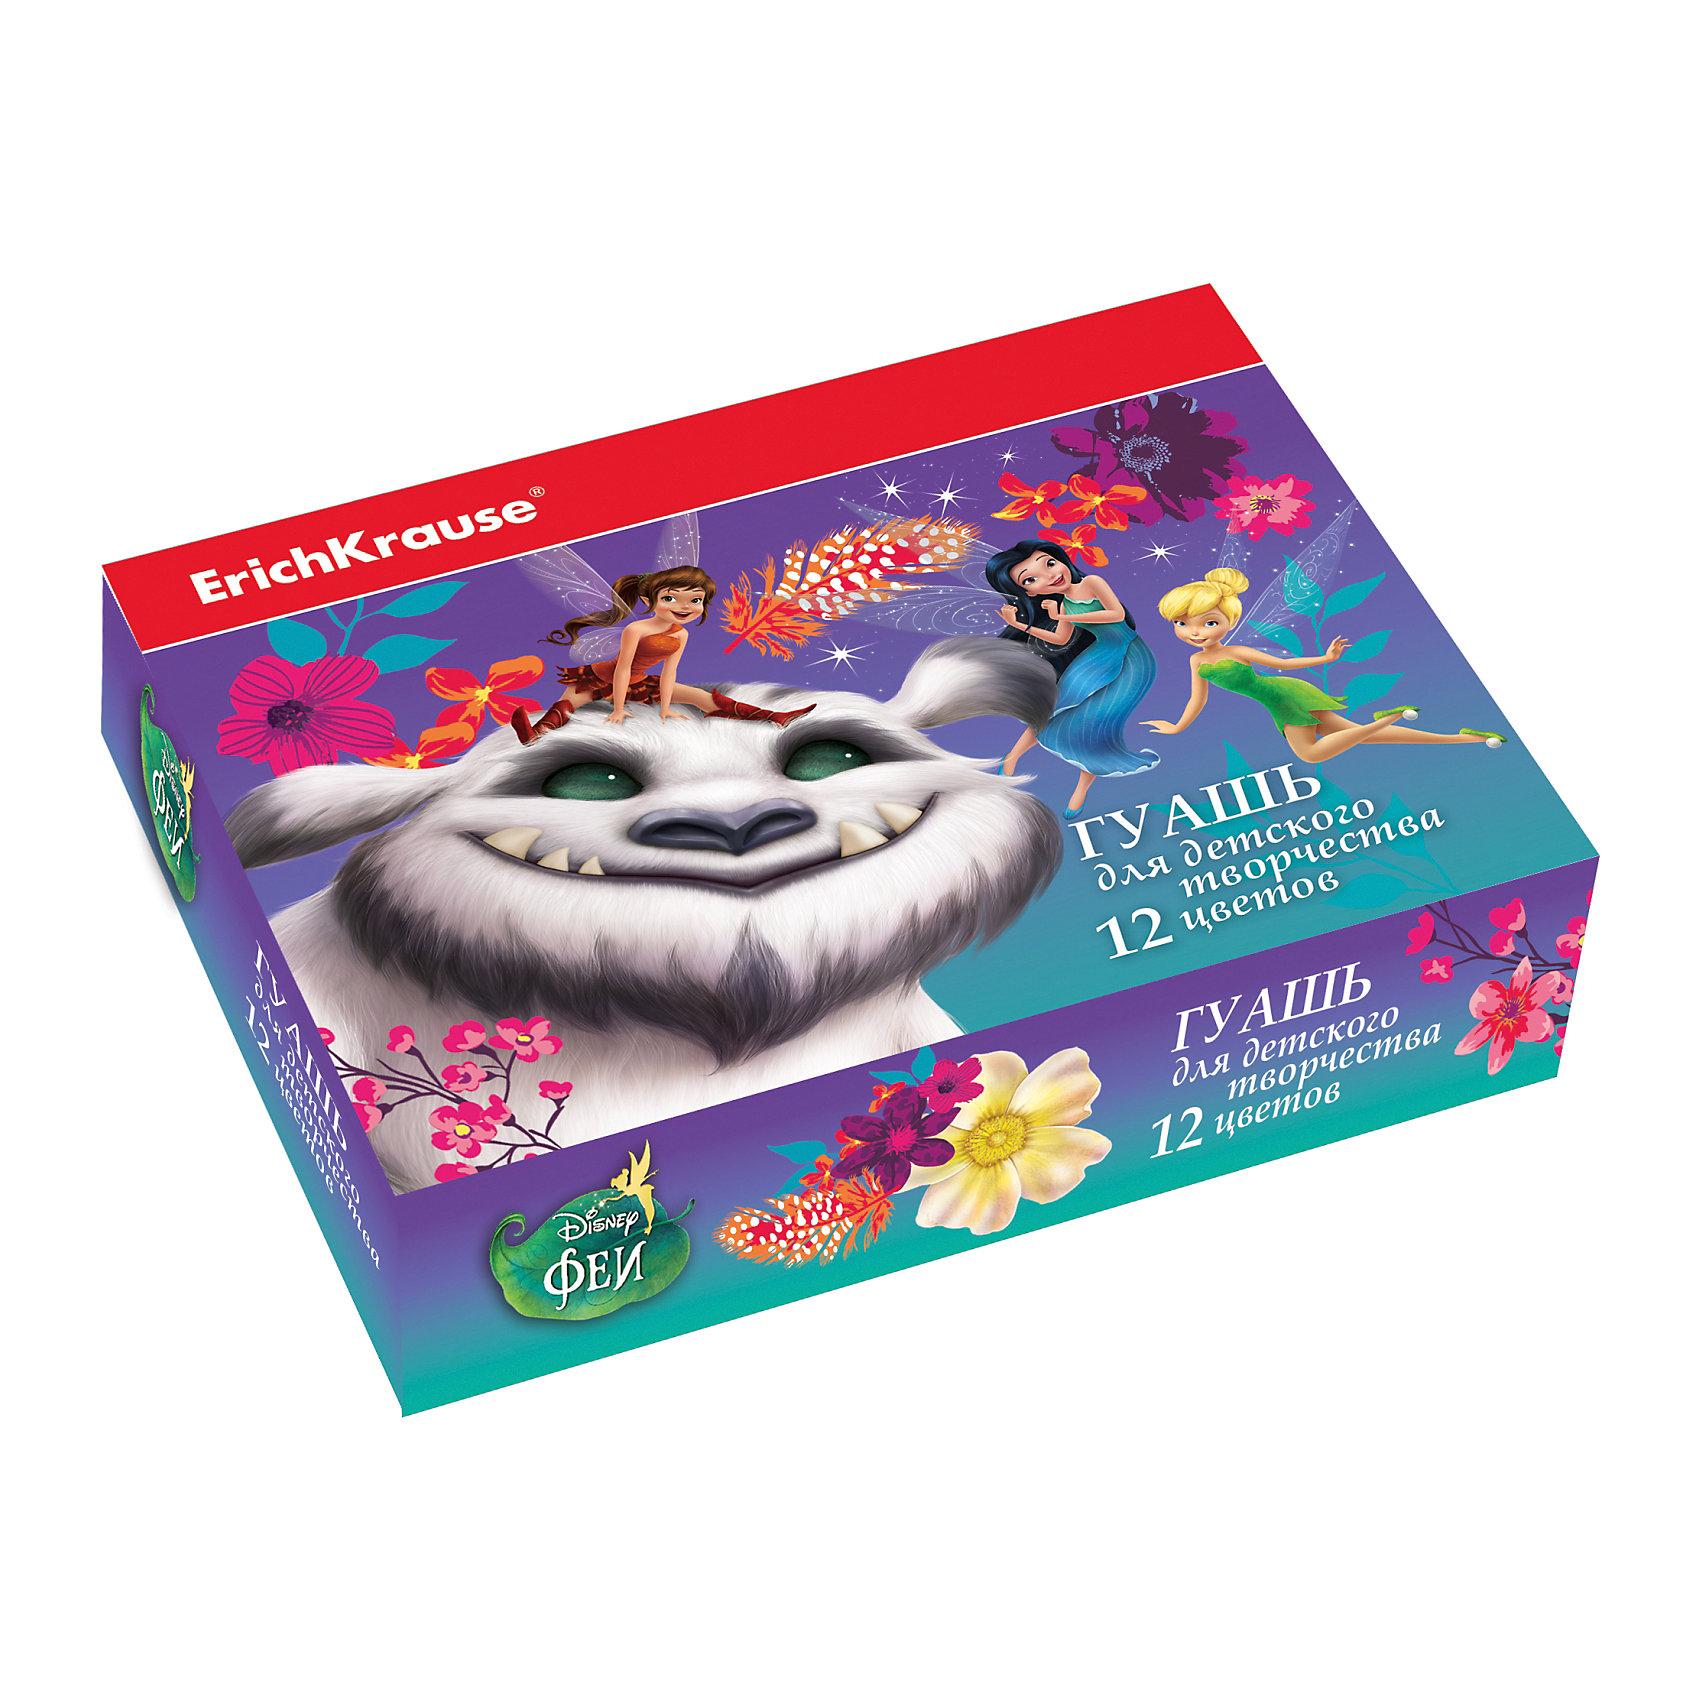 Гуашь Феи и невиданный зверь, 12 цветов по 20млФеи Дисней<br>Характеристики гуаши Artberry Neon:<br><br>• возраст: от 5 лет<br>• пол: для девочек<br>• комплект: 12 баночек по 20 мл.<br>• материал: краски, пластик.<br>• упаковка: картонная коробка.<br>• размер упаковки : 12x8.5x4.5 см<br>• серия: Disney<br>• бренд: производитель: Erich Krause<br>• страна обладатель бренда: Россия.<br><br>Гуашь в яркой упаковке с изображением героев популярного мультфильма понравится юным художникам. Краска легко ложится не только на бумагу, но и на другие поверхности для рисования - картон, дерево, камень, ткань, а ее цвет остается насыщенным даже после высыхания. При попадании на кожу или одежду, состав легко смывается водой. В наборе 12 цветов, каждая краска находится в баночке объемом 20 мл. С гуашью Erich Krause простор для творчества неограничен!<br><br>Гуашь Феи и невиданный зверь торговой марки Erich Krause  можно купить в нашем интернет-магазине.<br><br>Ширина мм: 157<br>Глубина мм: 115<br>Высота мм: 40<br>Вес г: 393<br>Возраст от месяцев: 60<br>Возраст до месяцев: 216<br>Пол: Женский<br>Возраст: Детский<br>SKU: 5409222